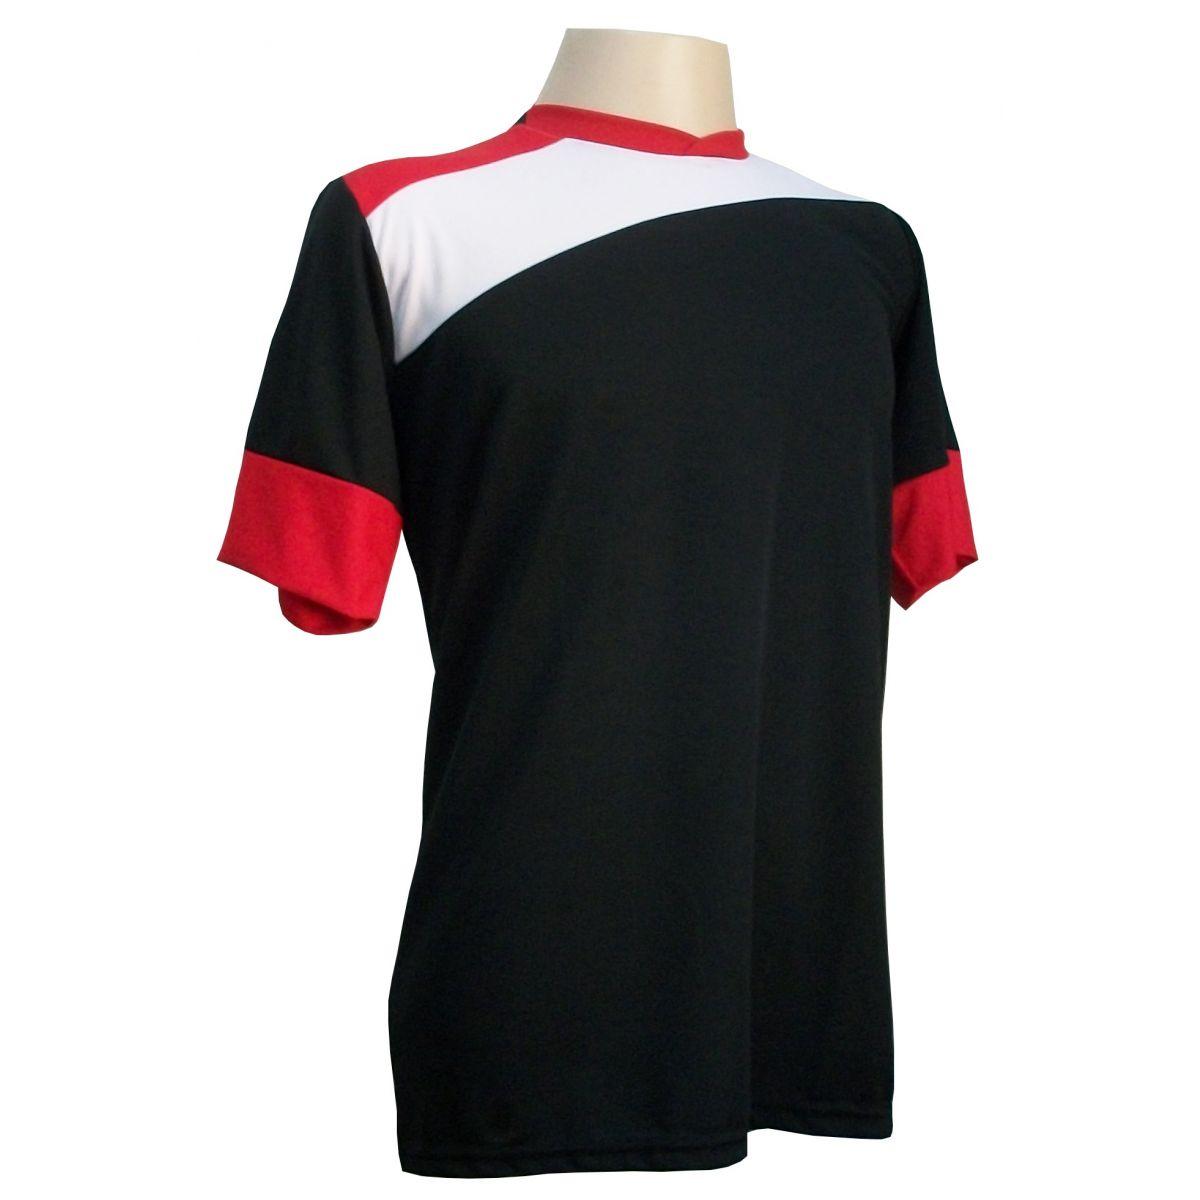 Uniforme Esportivo com 14 camisas modelo Sporting Preto/Branco/Vermelho + 14 calções modelo Copa Preto/Branco + Brindes